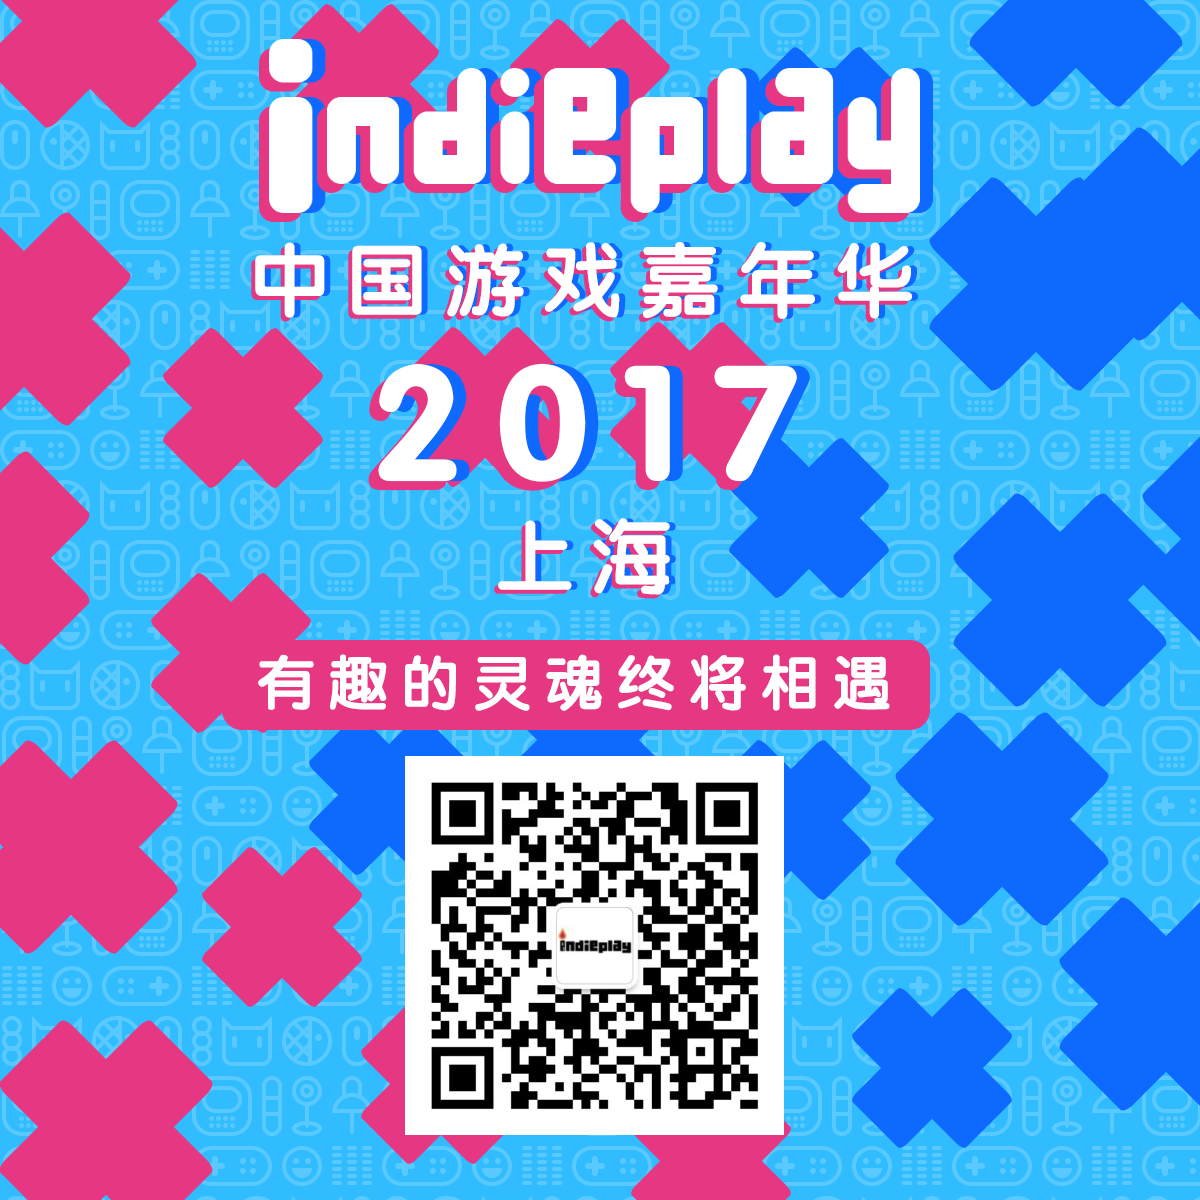 2017 Global Game Jam